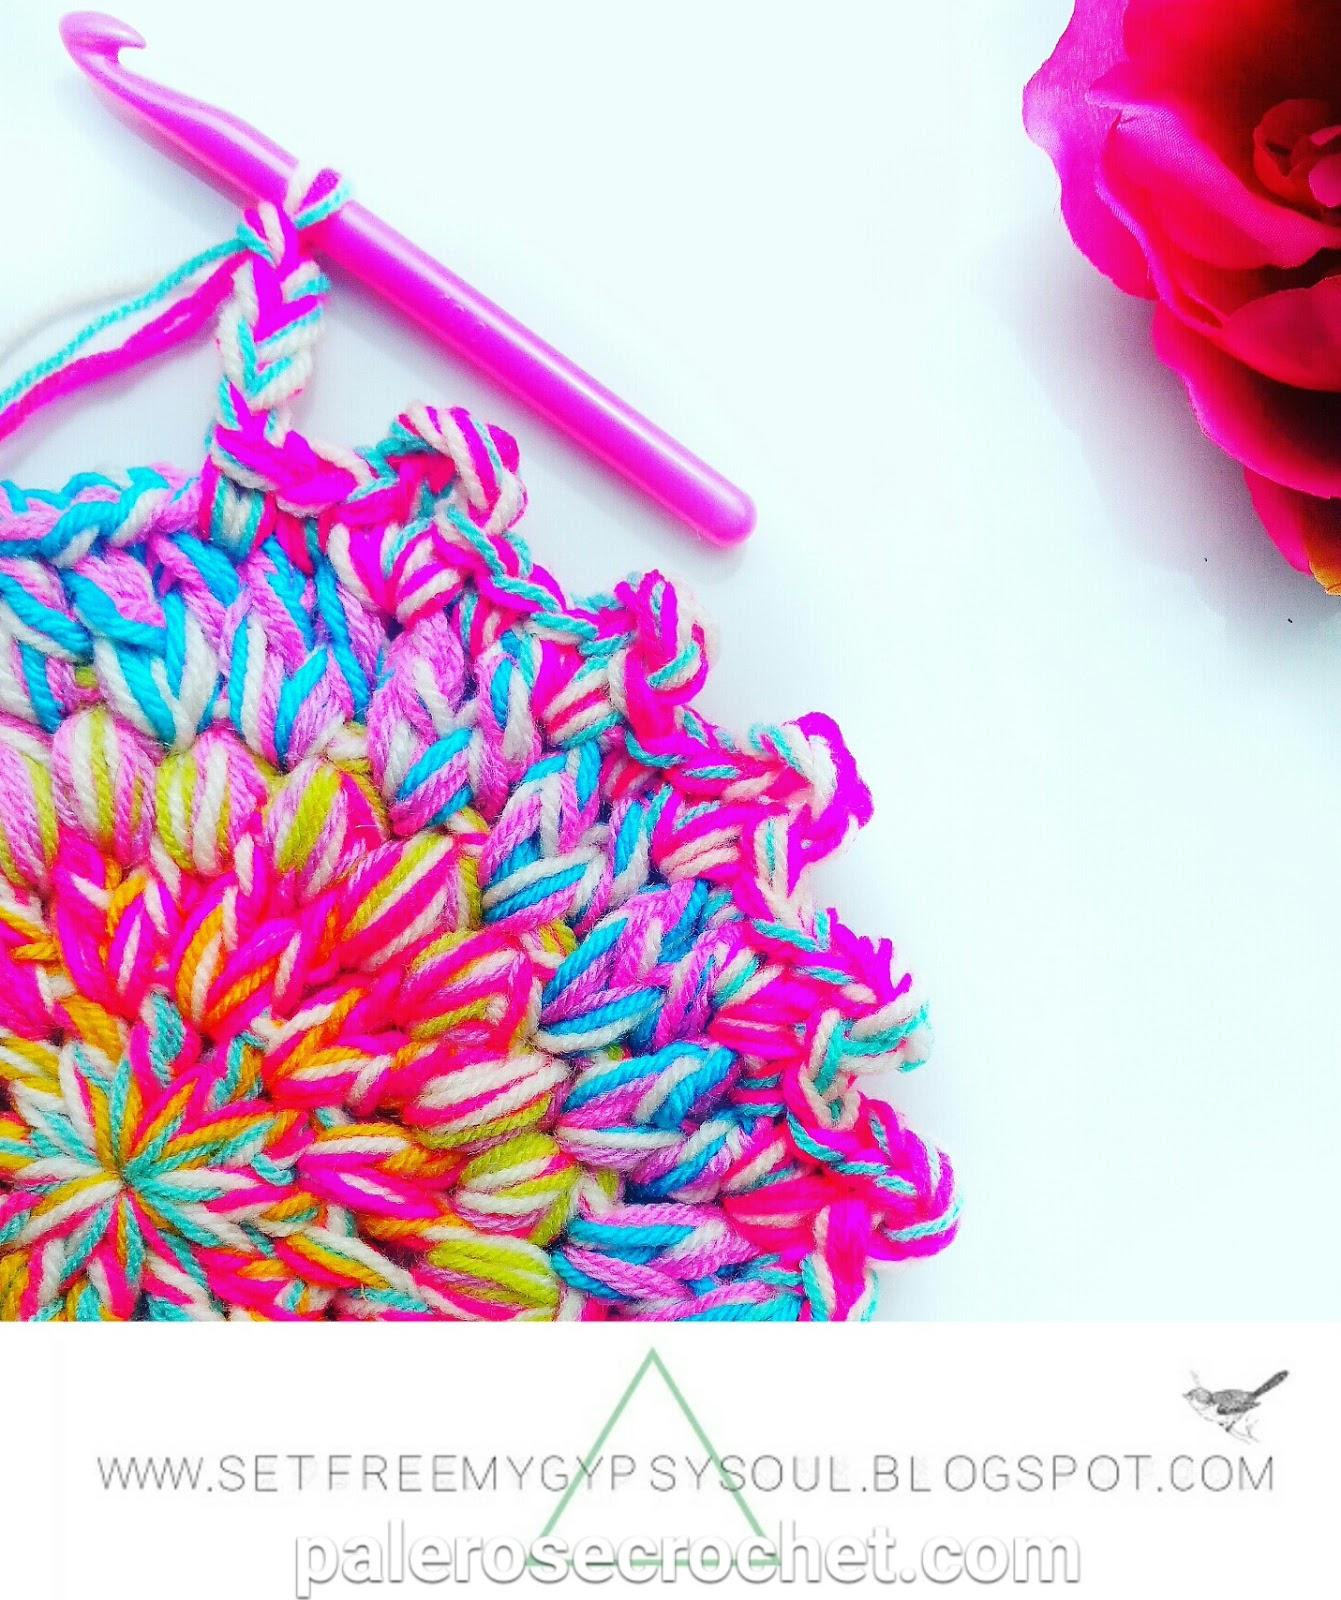 Crochet Patterns Using Mandala Yarn : Unicorn Yarn Mandala Doily Rug Free Crochet Pattern - Do you have a ...